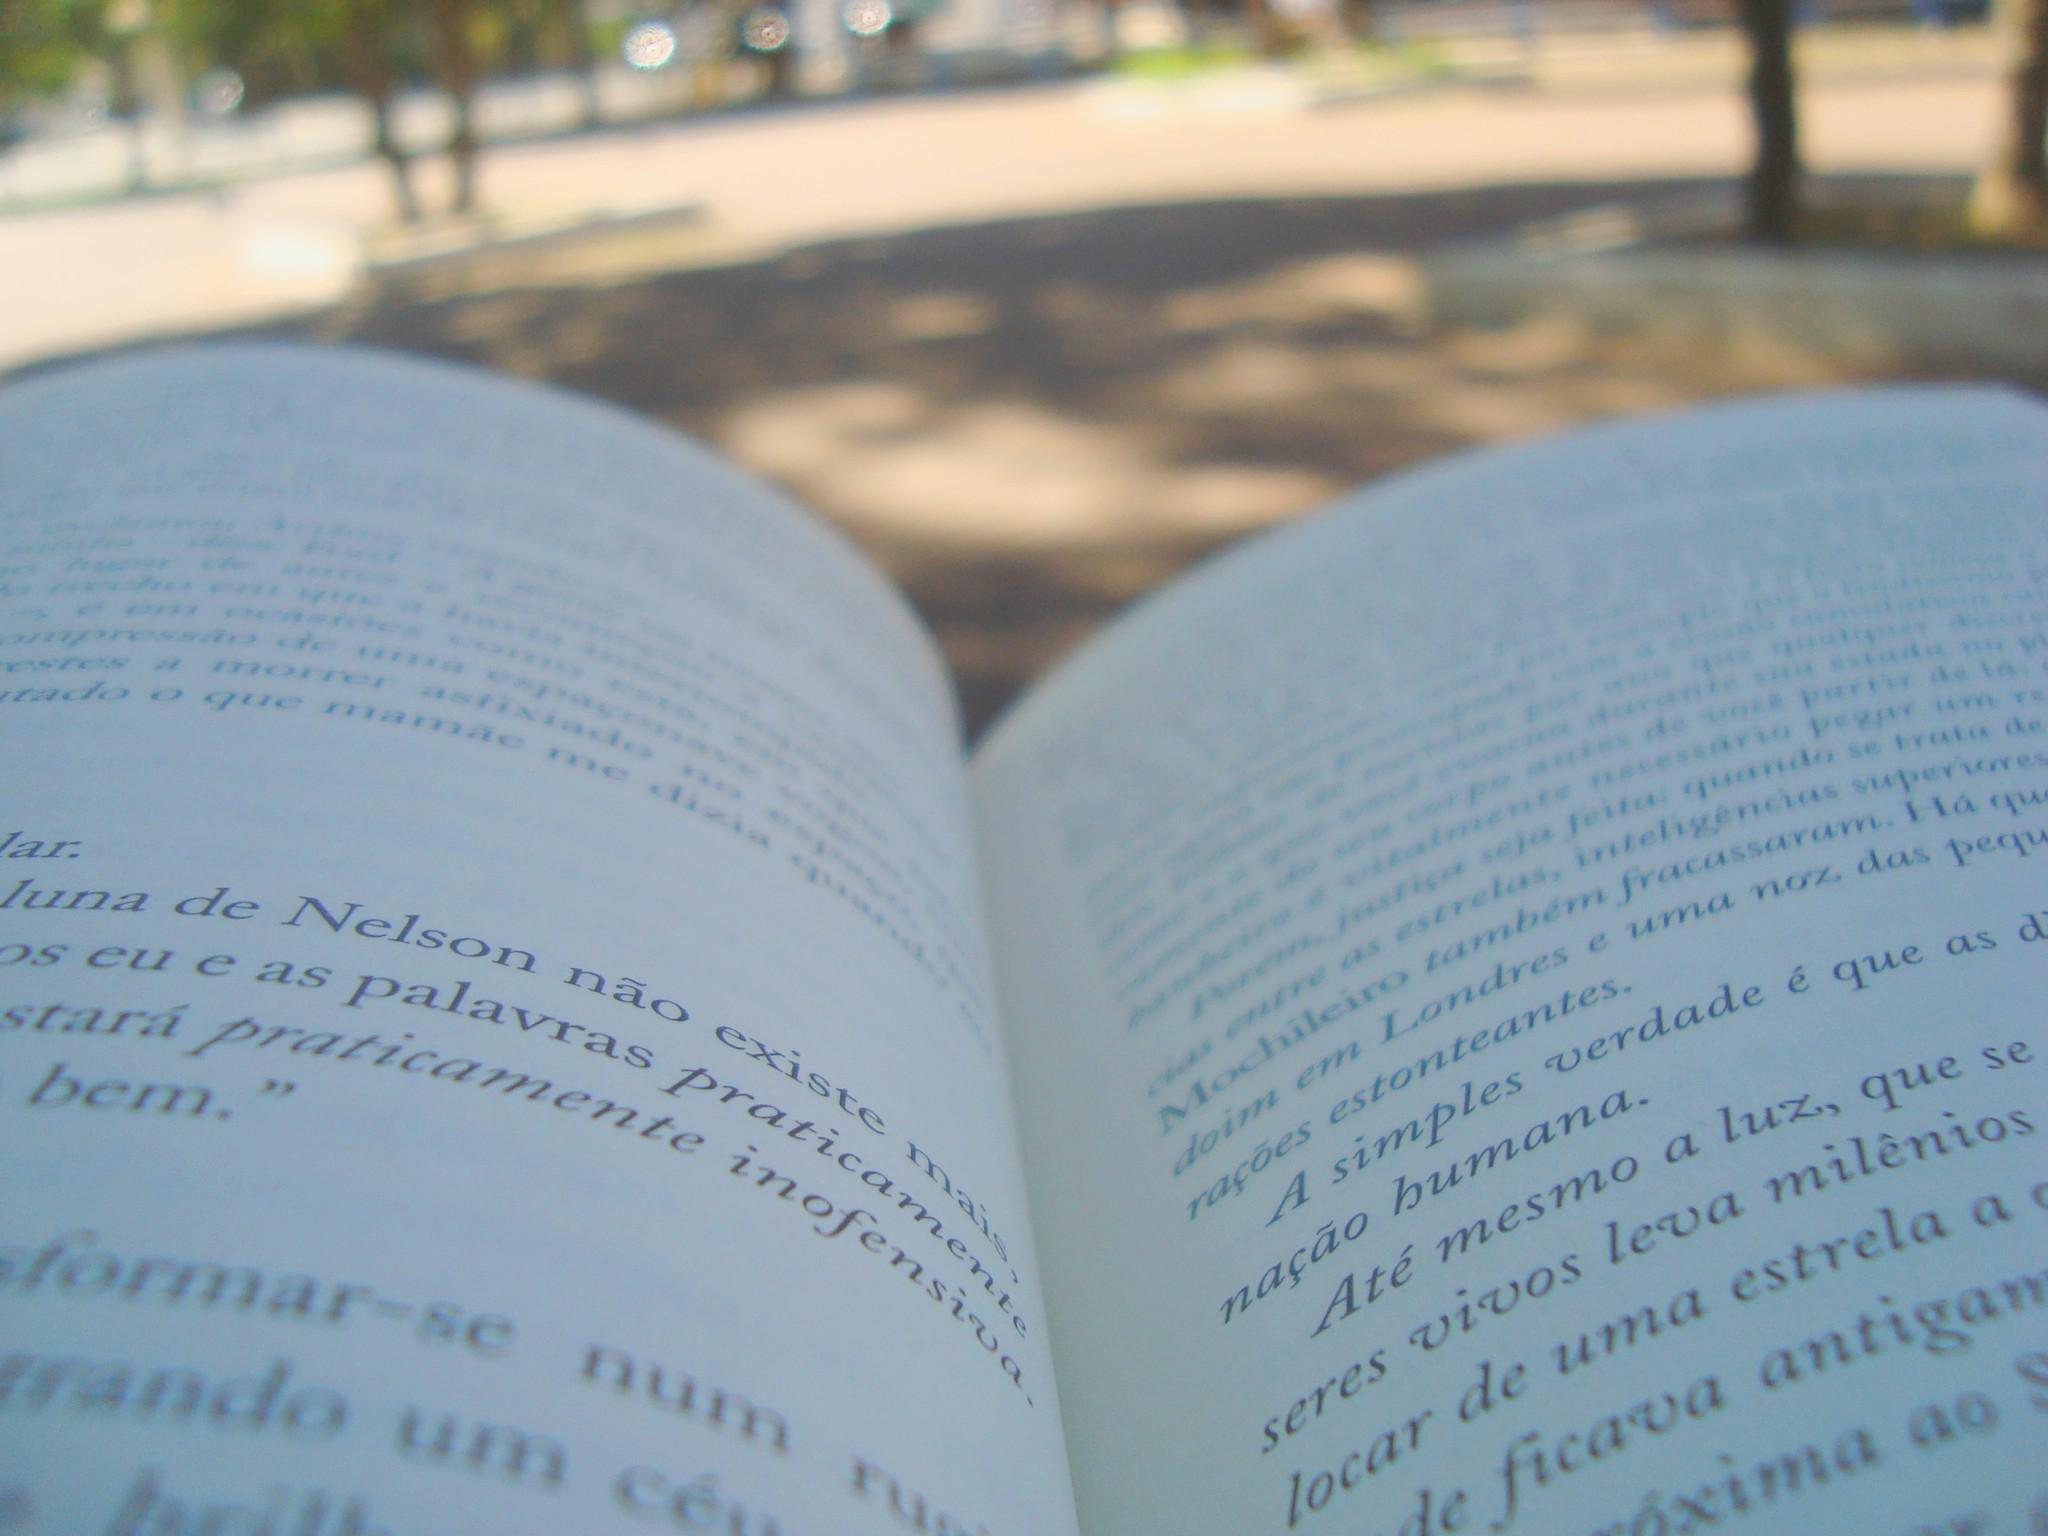 Páginas do livro O guia do mochileiro das galáxias